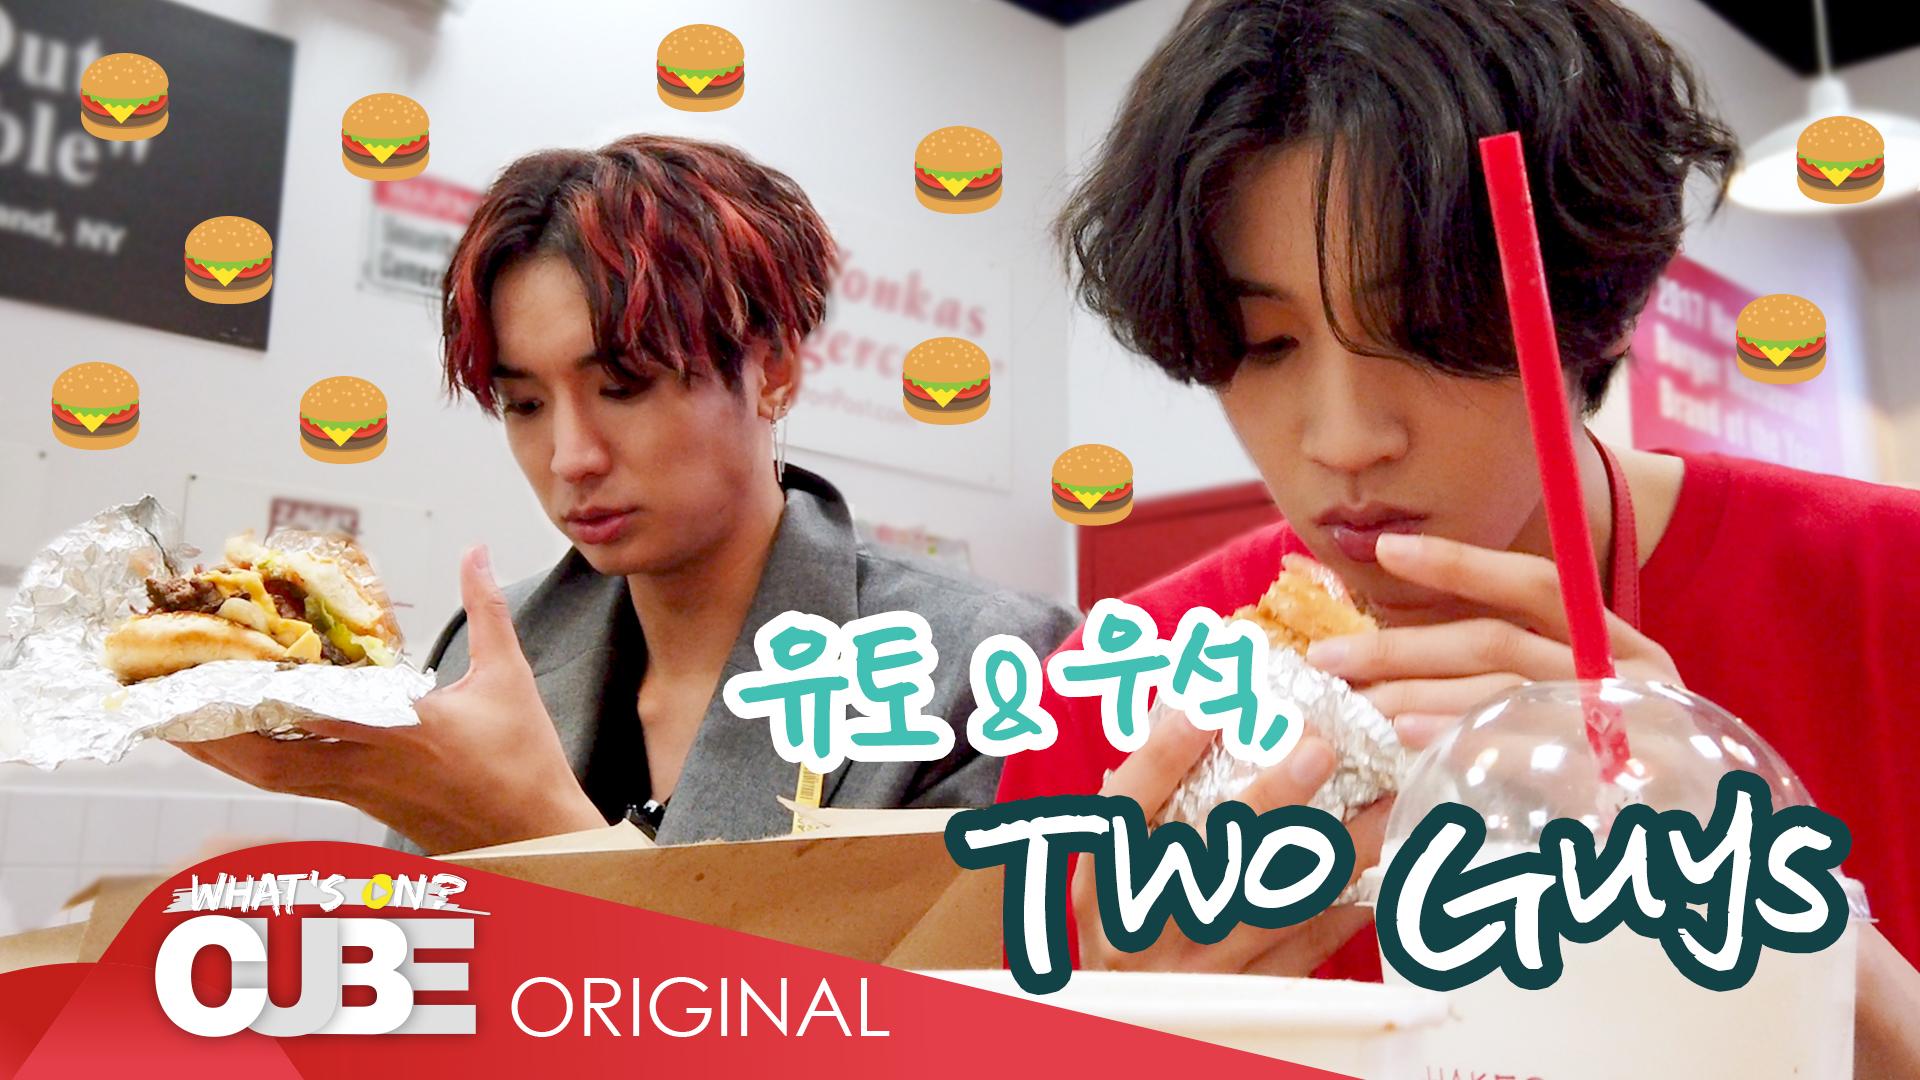 펜타곤 - PRISM LOG #01 : 유토&우석, Two Guys